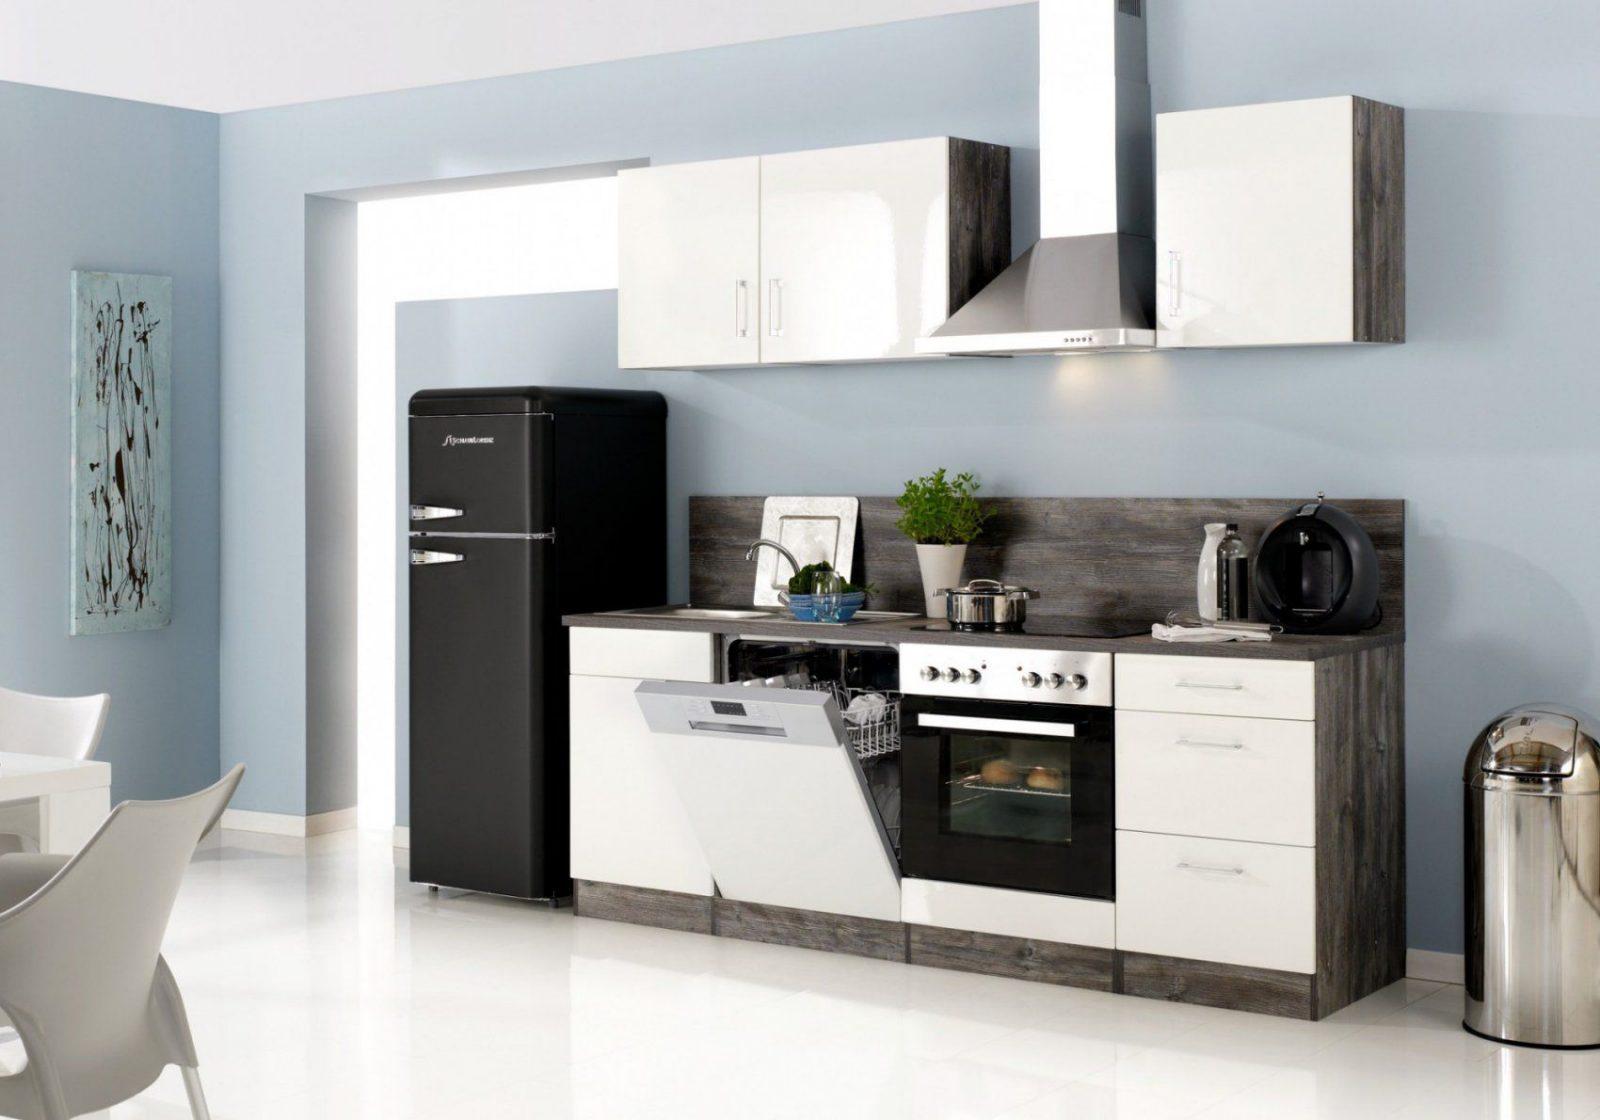 Küchenzeile Lissabon  Küche Mit Egeräten  Breite 280 Cm 14 von Küchenzeile Mit Elektrogeräten Ohne Kühlschrank Bild